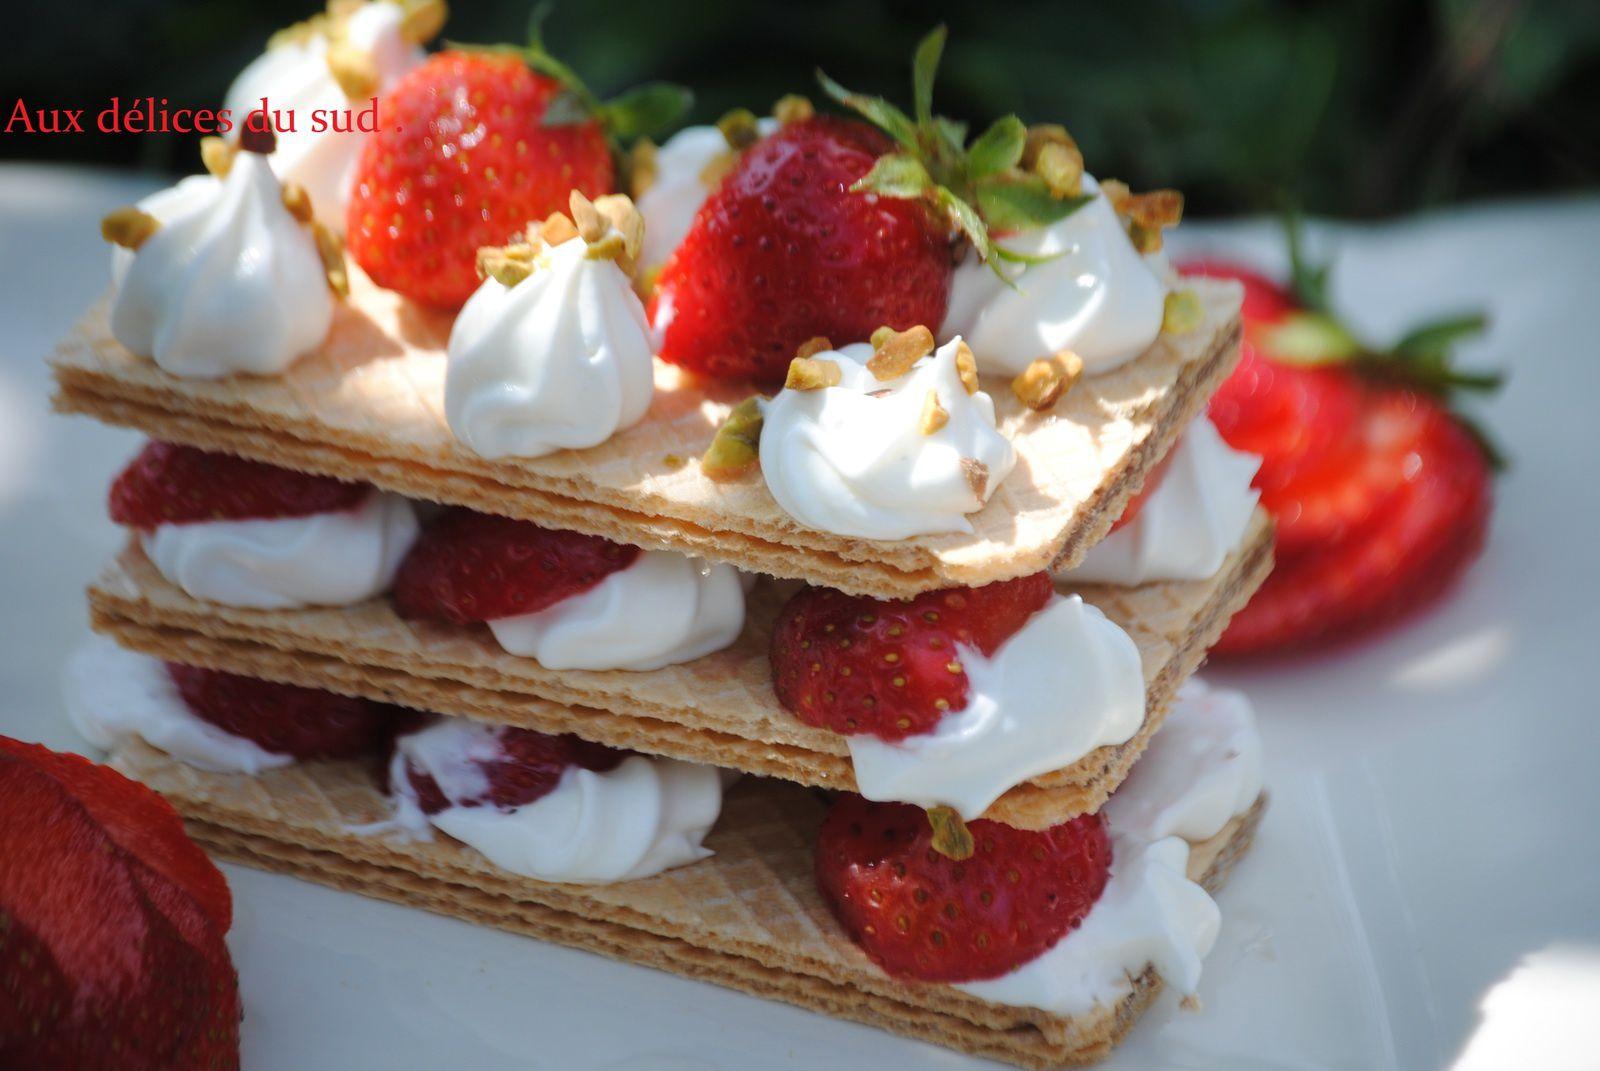 mille- feuille de fines gaufrettes chocolat noisettes , chantilly à la pâte de nougat blanc et fraises .